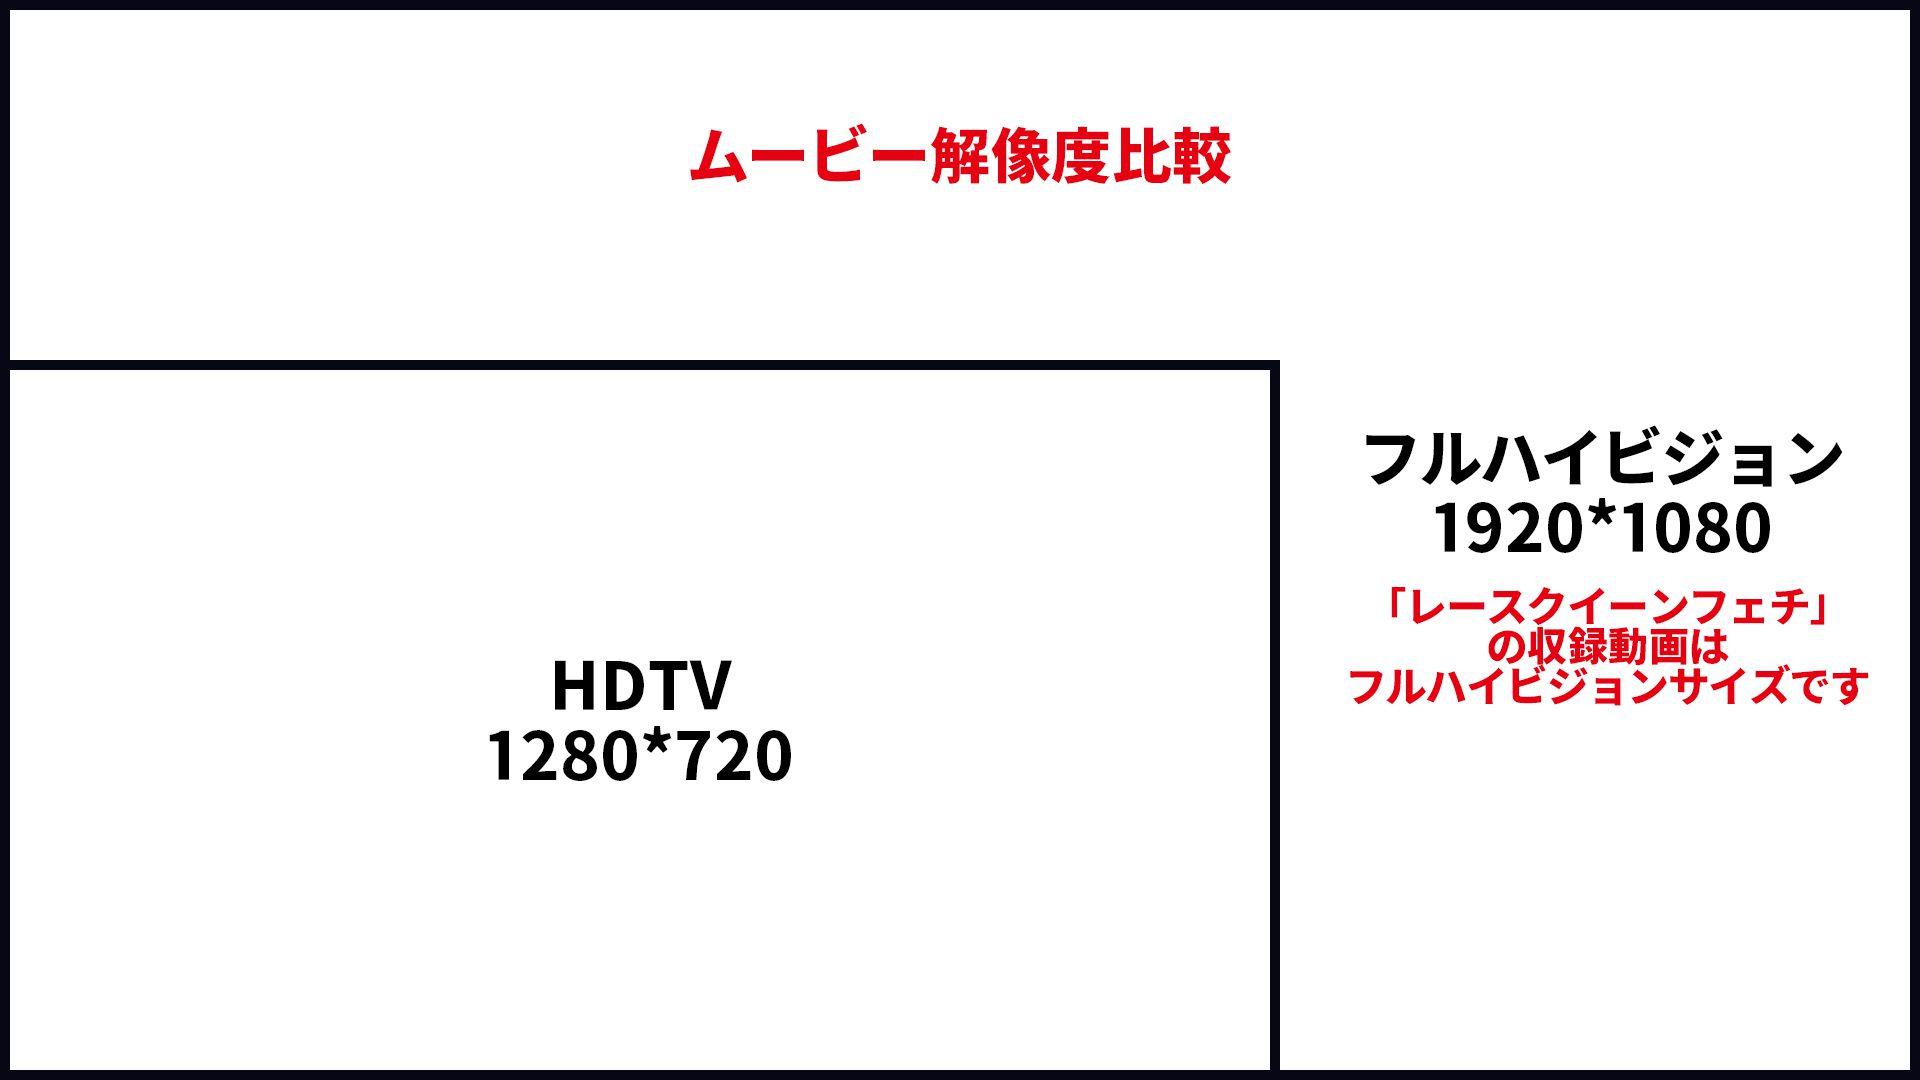 【HD】レースクイーンフェチ#013 ムービー版【3】 サンプル画像10